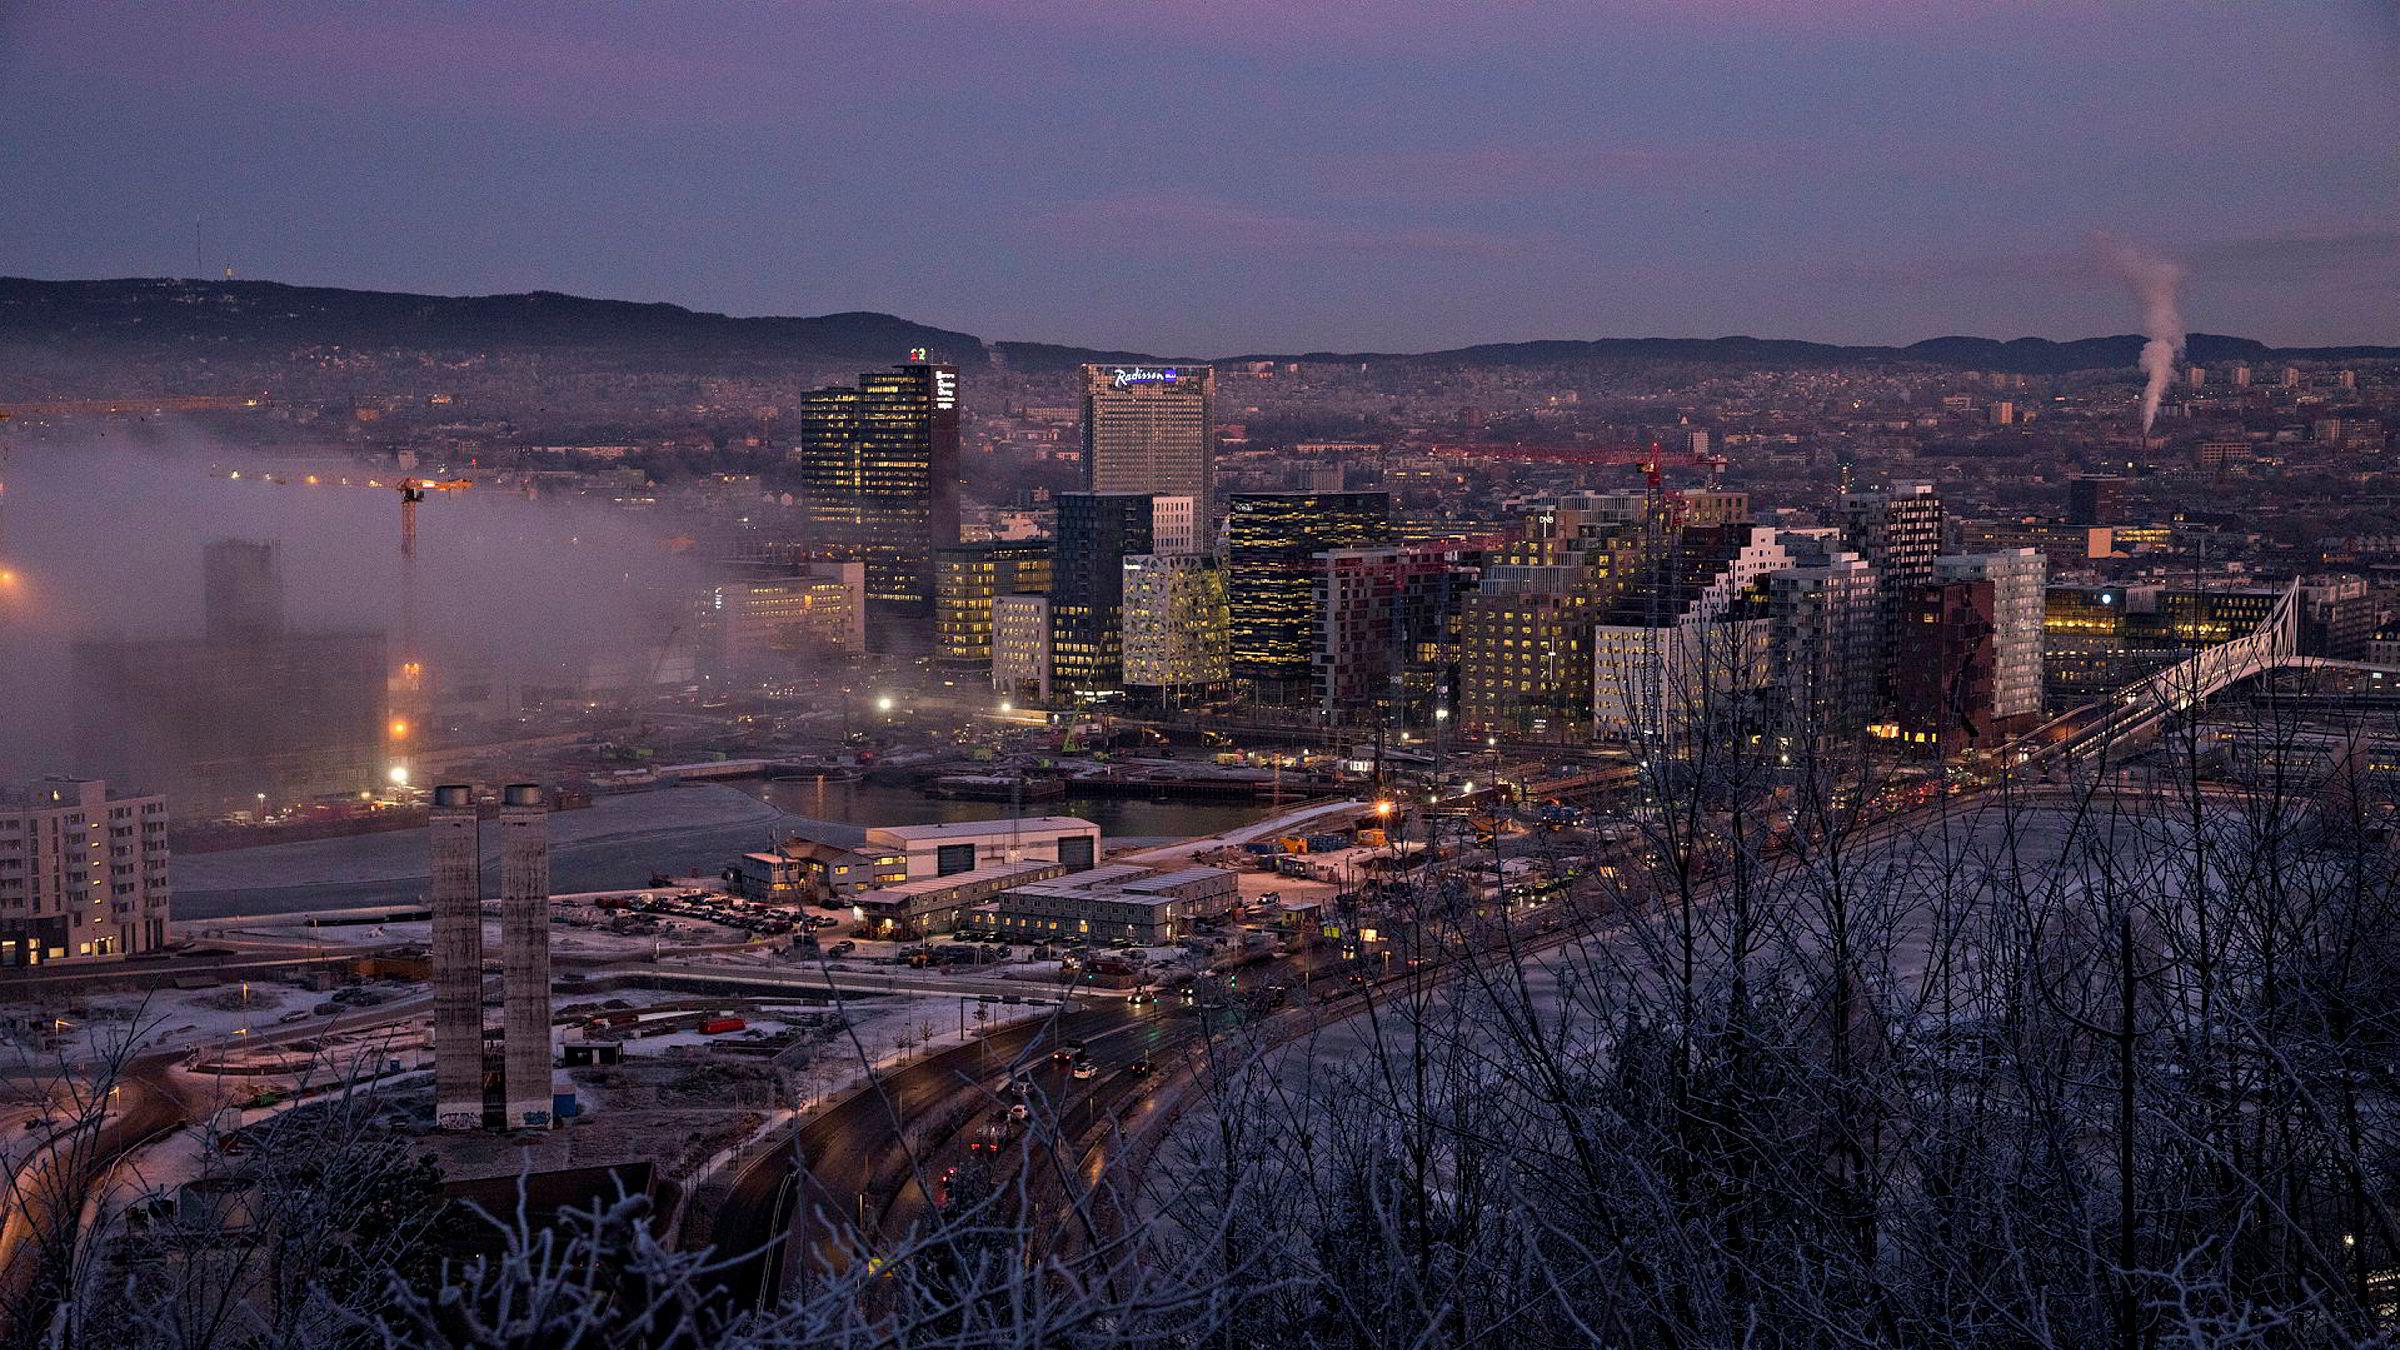 Avfallsmengdene øker ikke fordi spillvarme brukes til fjernvarme, men fordi velstandsutviklingen i samfunnet øker. Her fra Oslo sett fra Ekeberg i vinterkulden med tett trafikkforurensning.